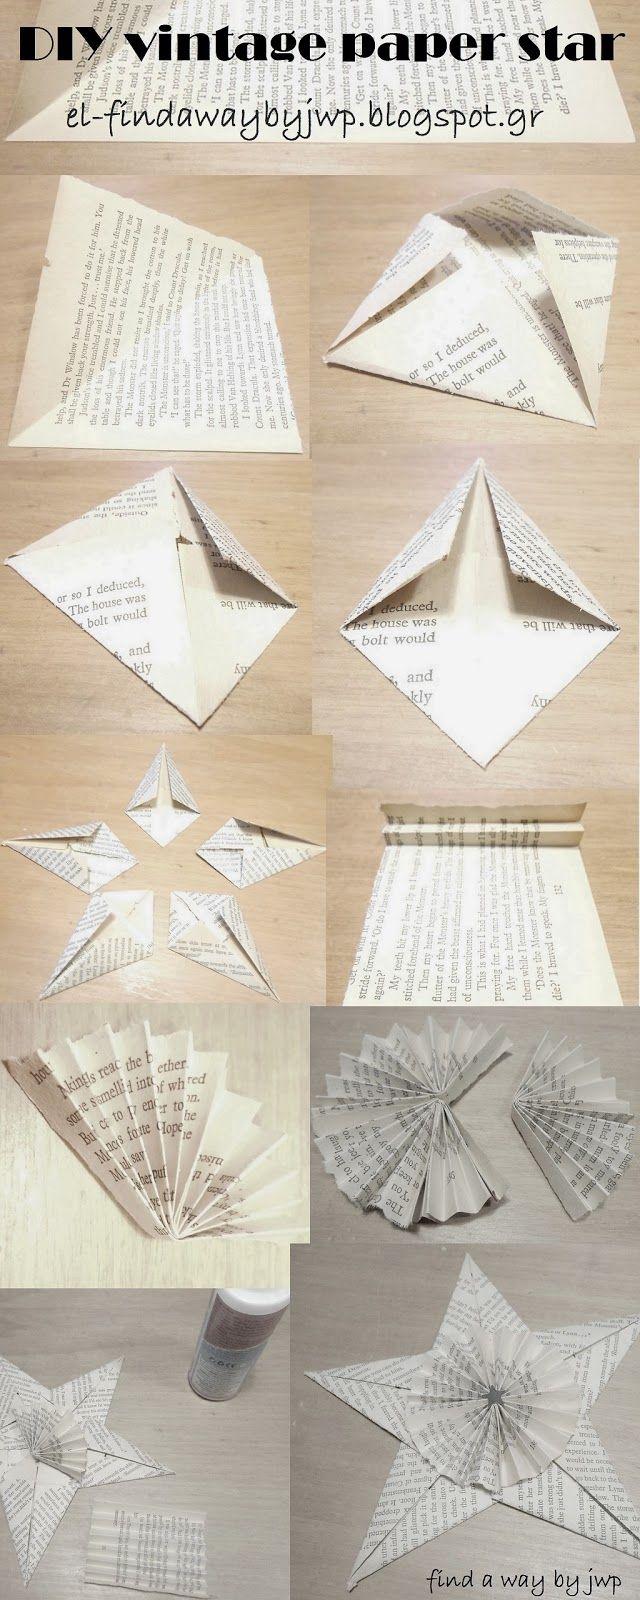 find a way by jwp: DIY vintage Christmas paper star ornament [φτιάχνω μόνος μου χάρτινα χριστουγεννιάτικα αστέρια ]